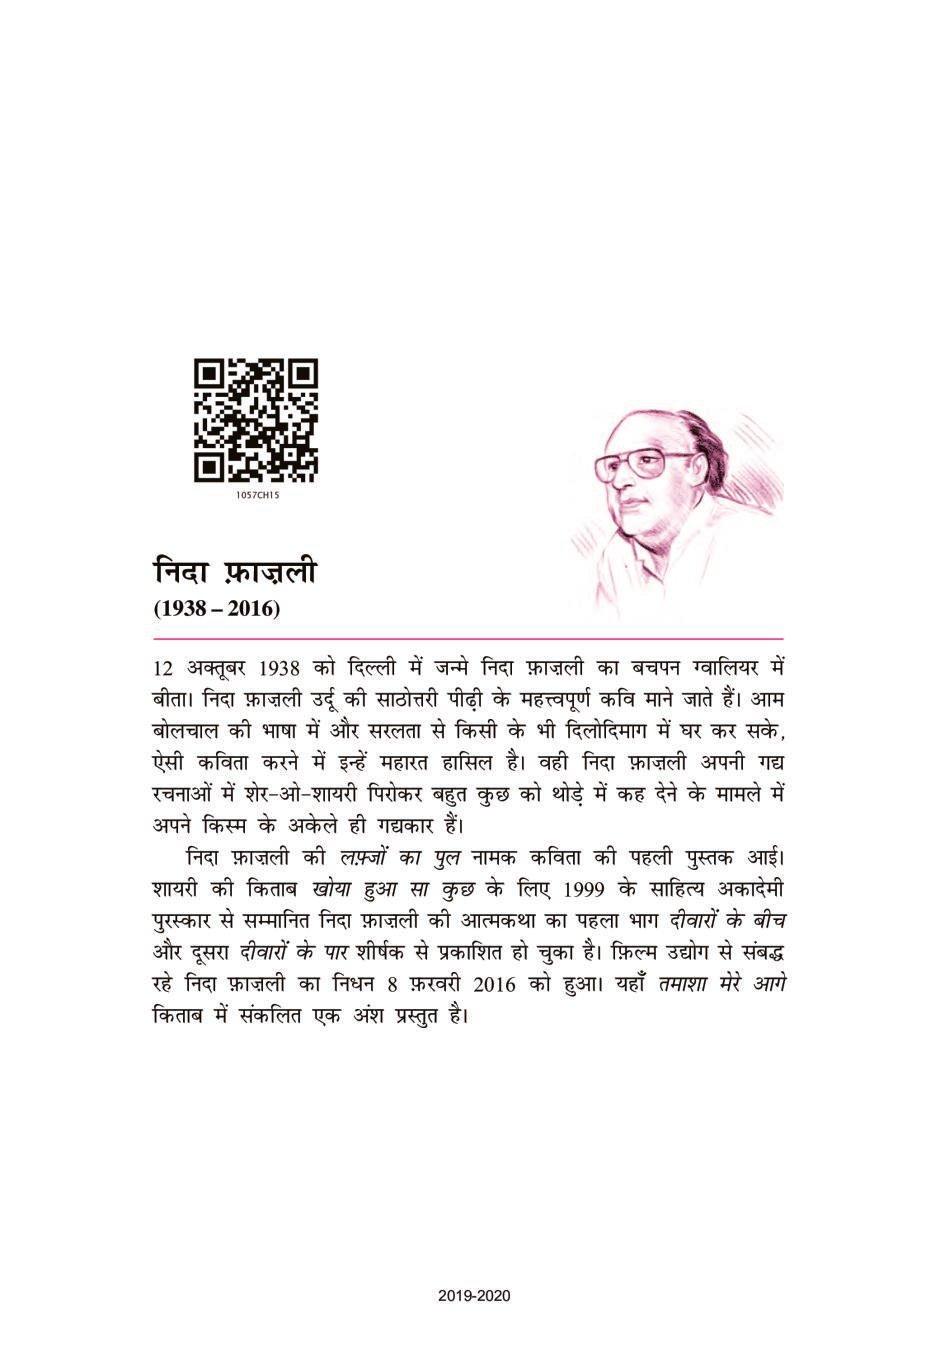 NCERT Book Class 10 Hindi (स्पर्श) Chapter 15 अब कहाँ दूसरे के दुख से दुखी होने वाले - Page 1